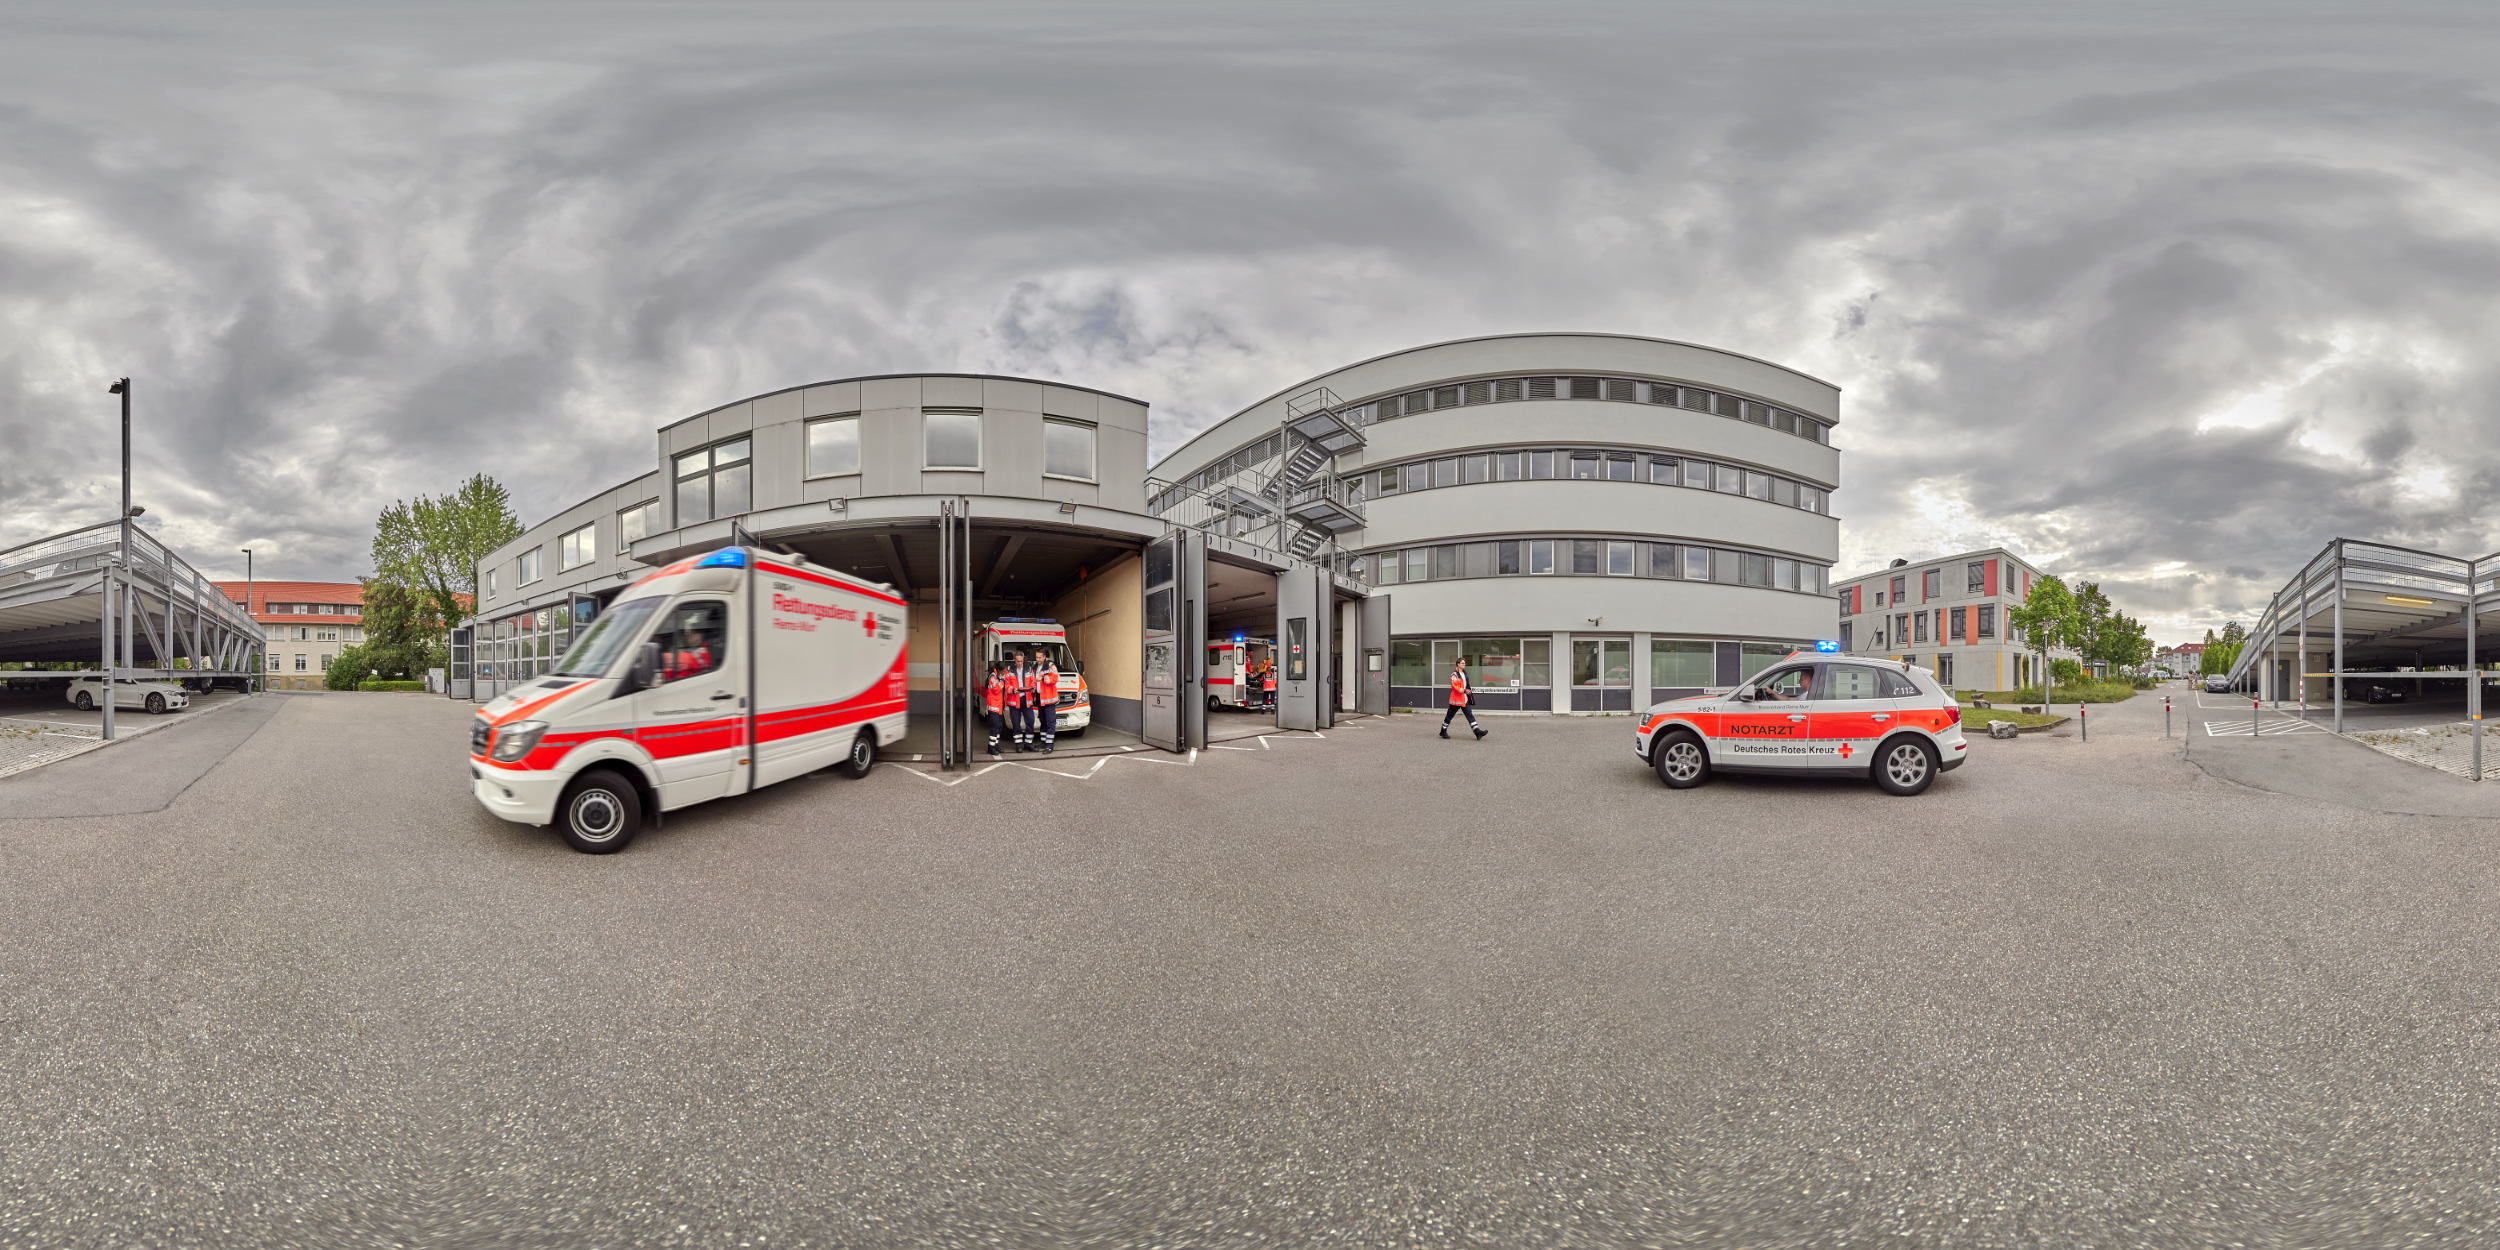 Panoramafotografie Virtuelle Touren 360Grad Fotografie Stuttgart und Umgebung Panorama 360°x180° Sphäre Virtuelle Tour durch das Rems-Murr Klinikum Winnenden und Schorndorf Rettungsleitstelle